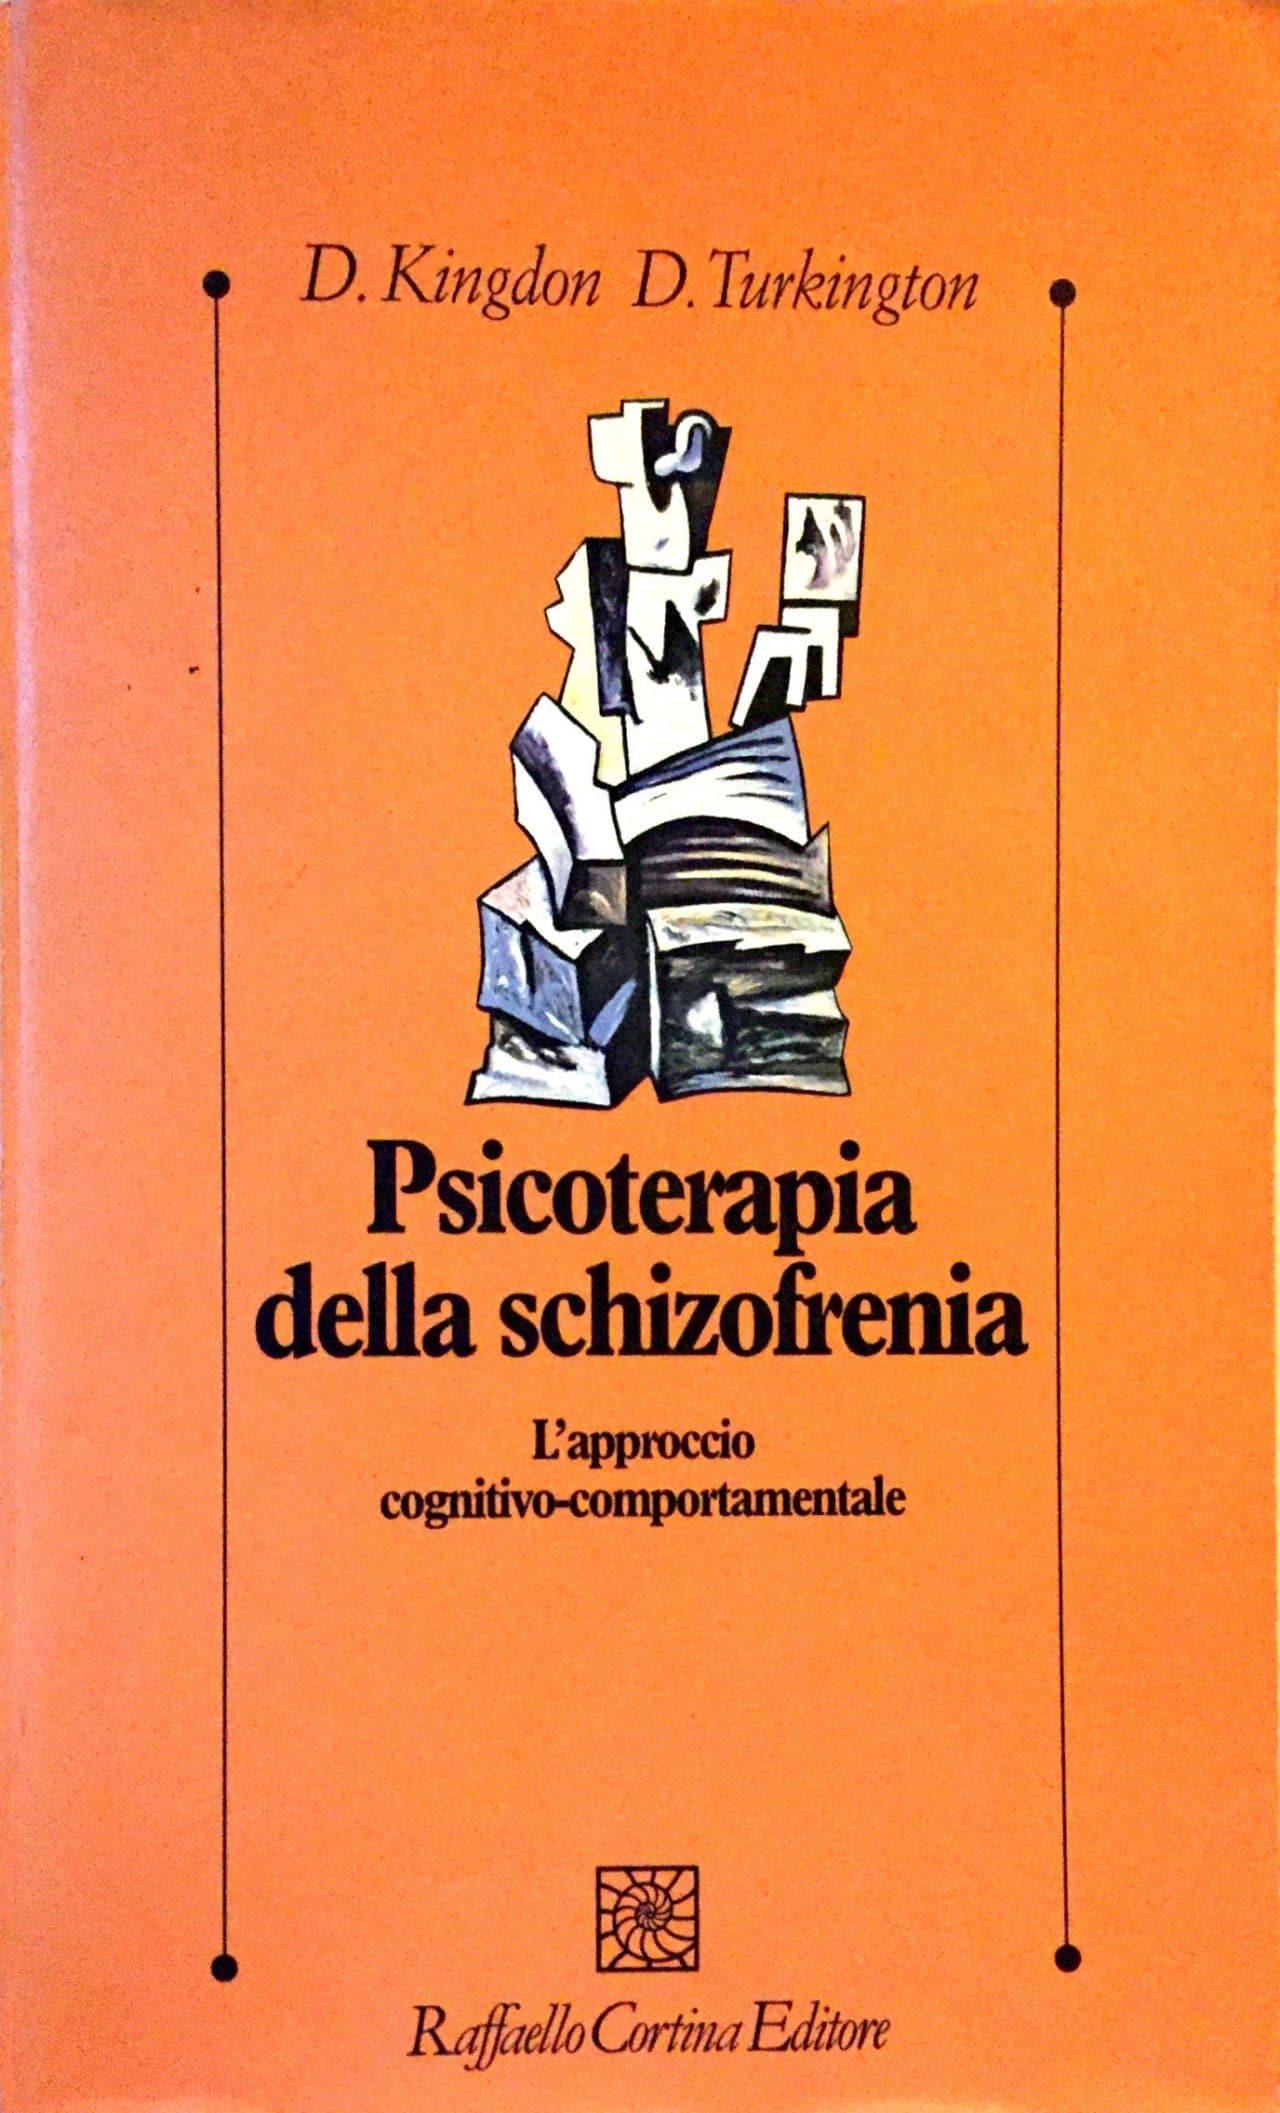 Psicoterapia Della Schizofrenia